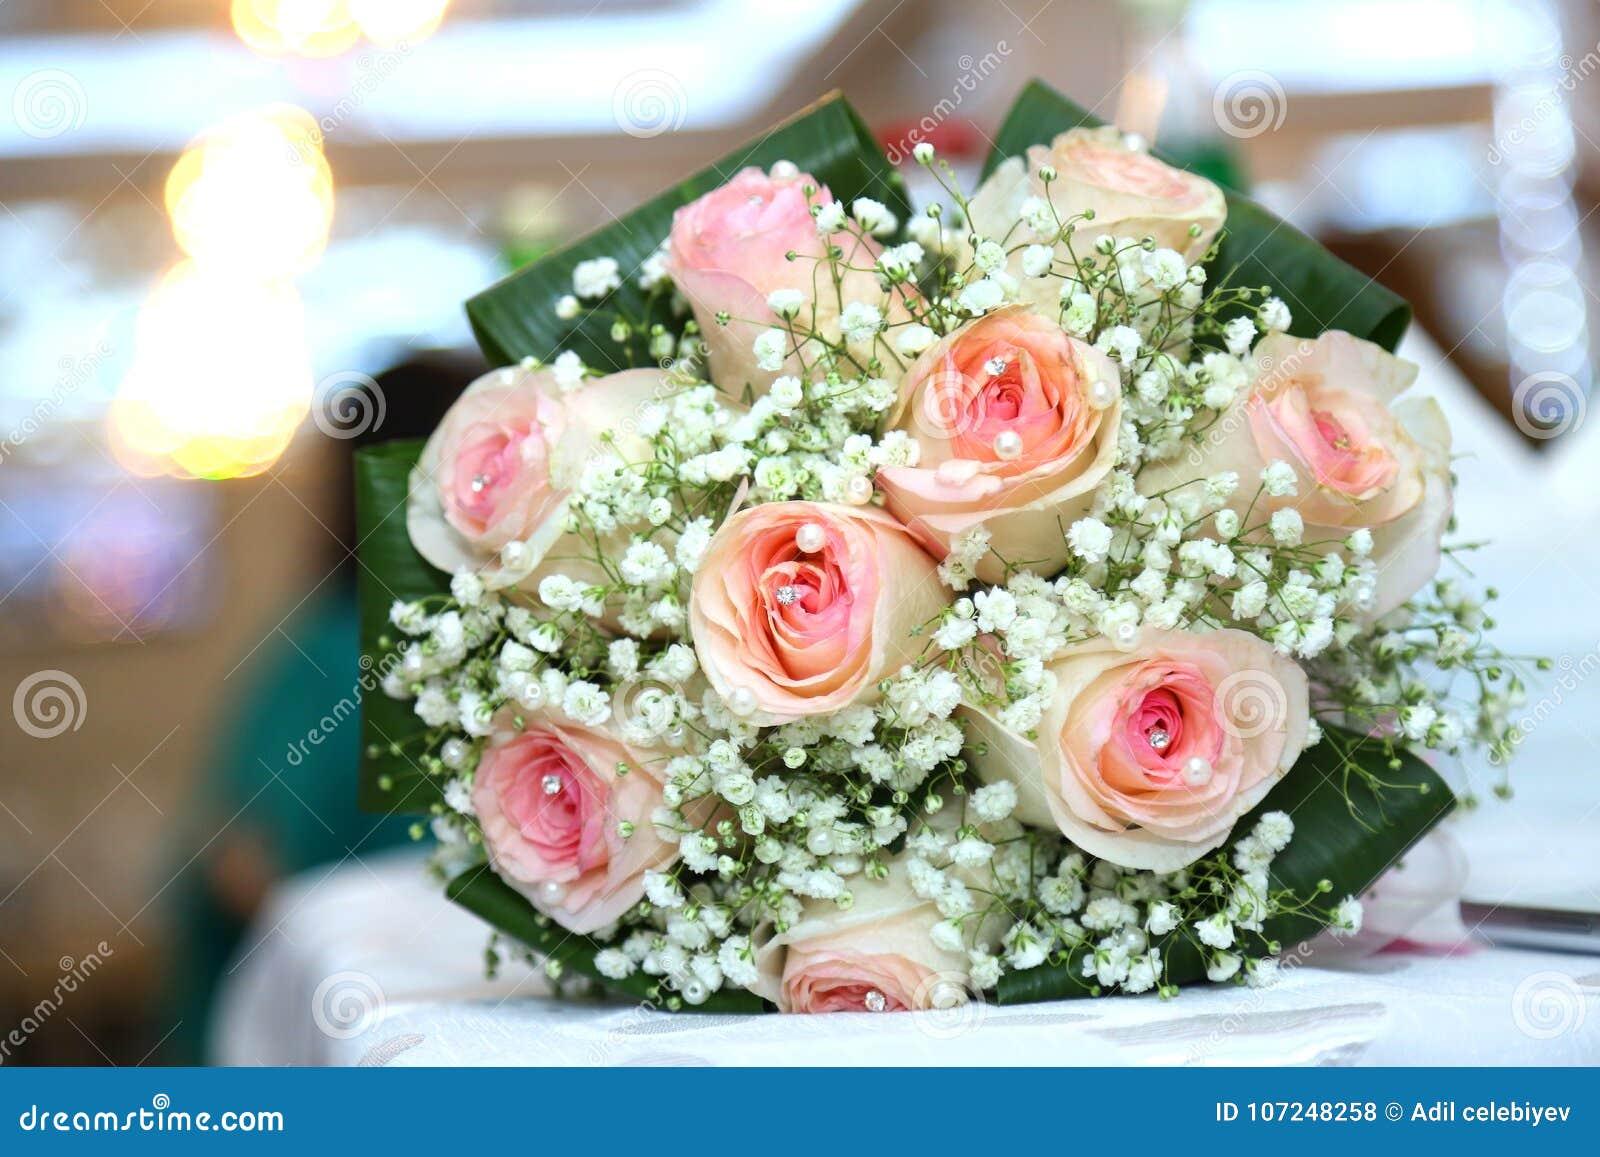 Голубая свадьба букет, оптовик цветов в спб